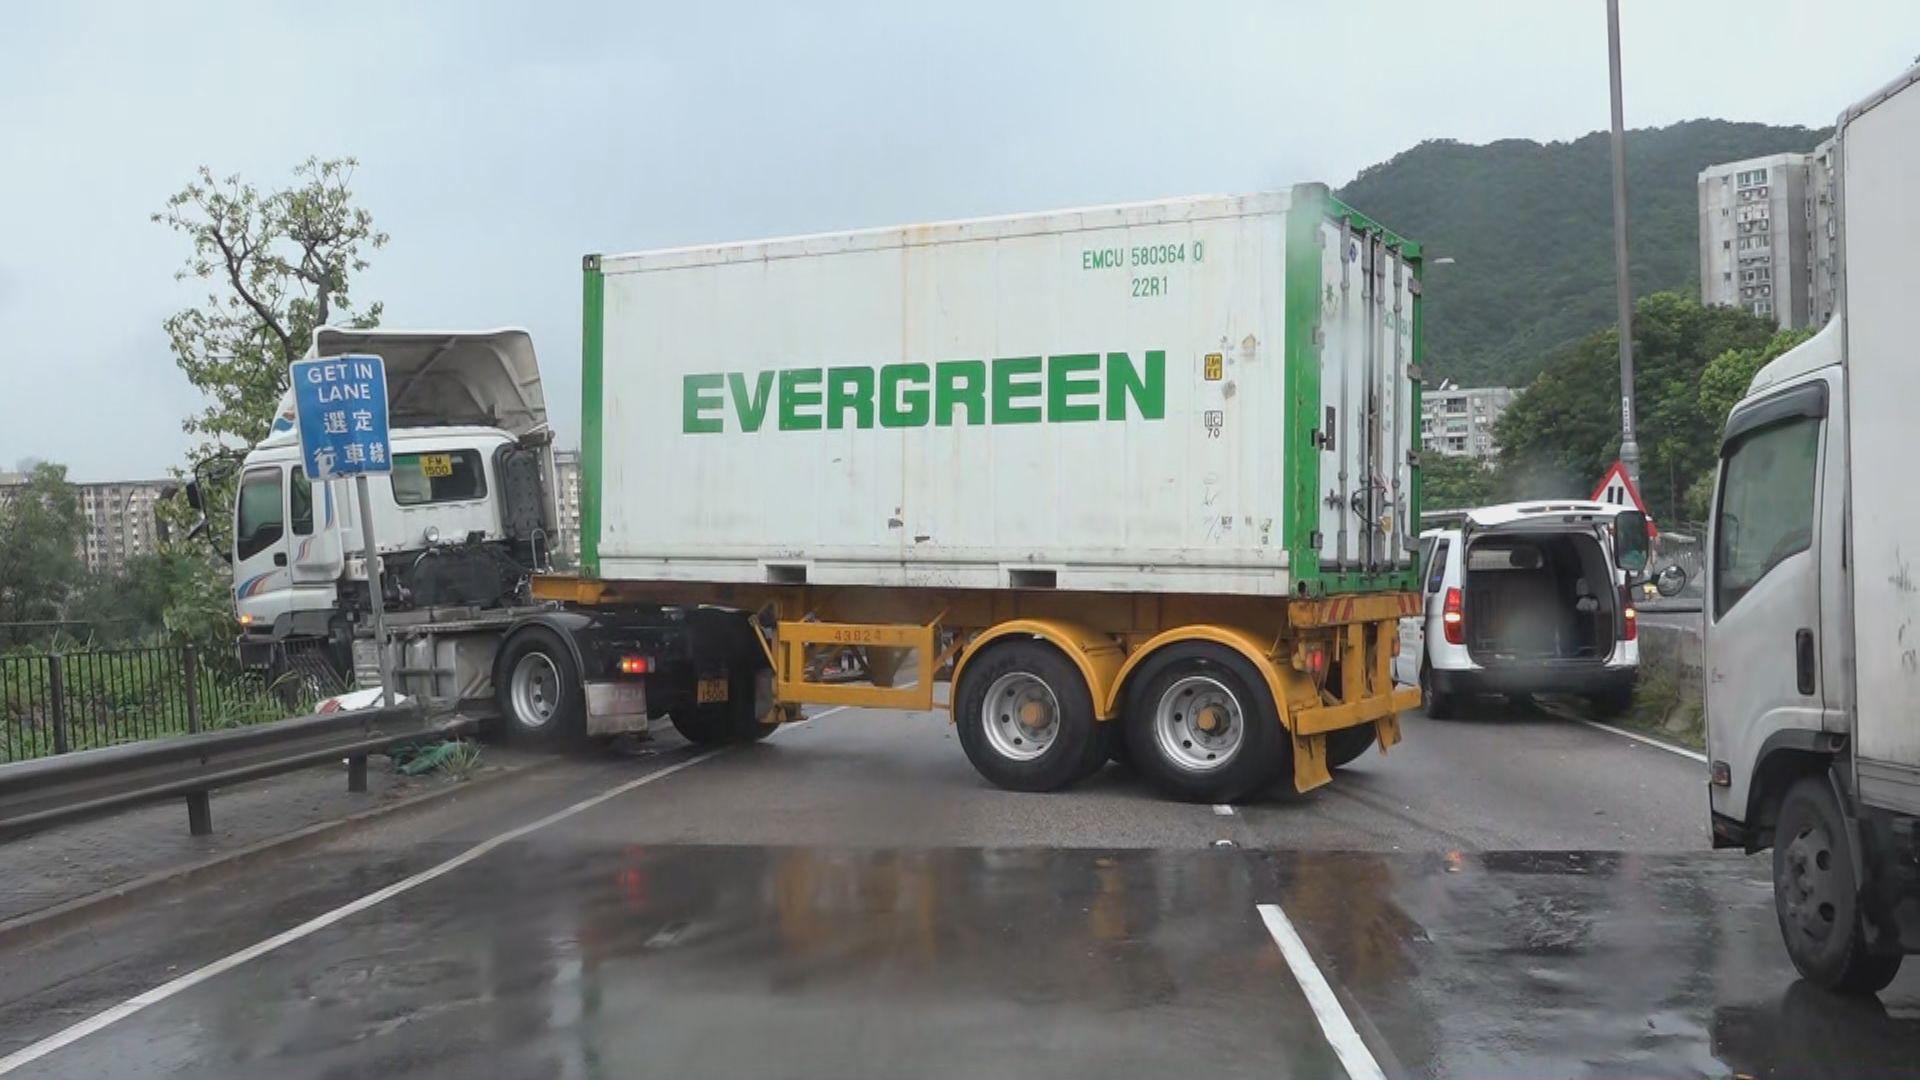 龍翔道貨櫃車私家車相撞兩人傷 往荃灣方向全封